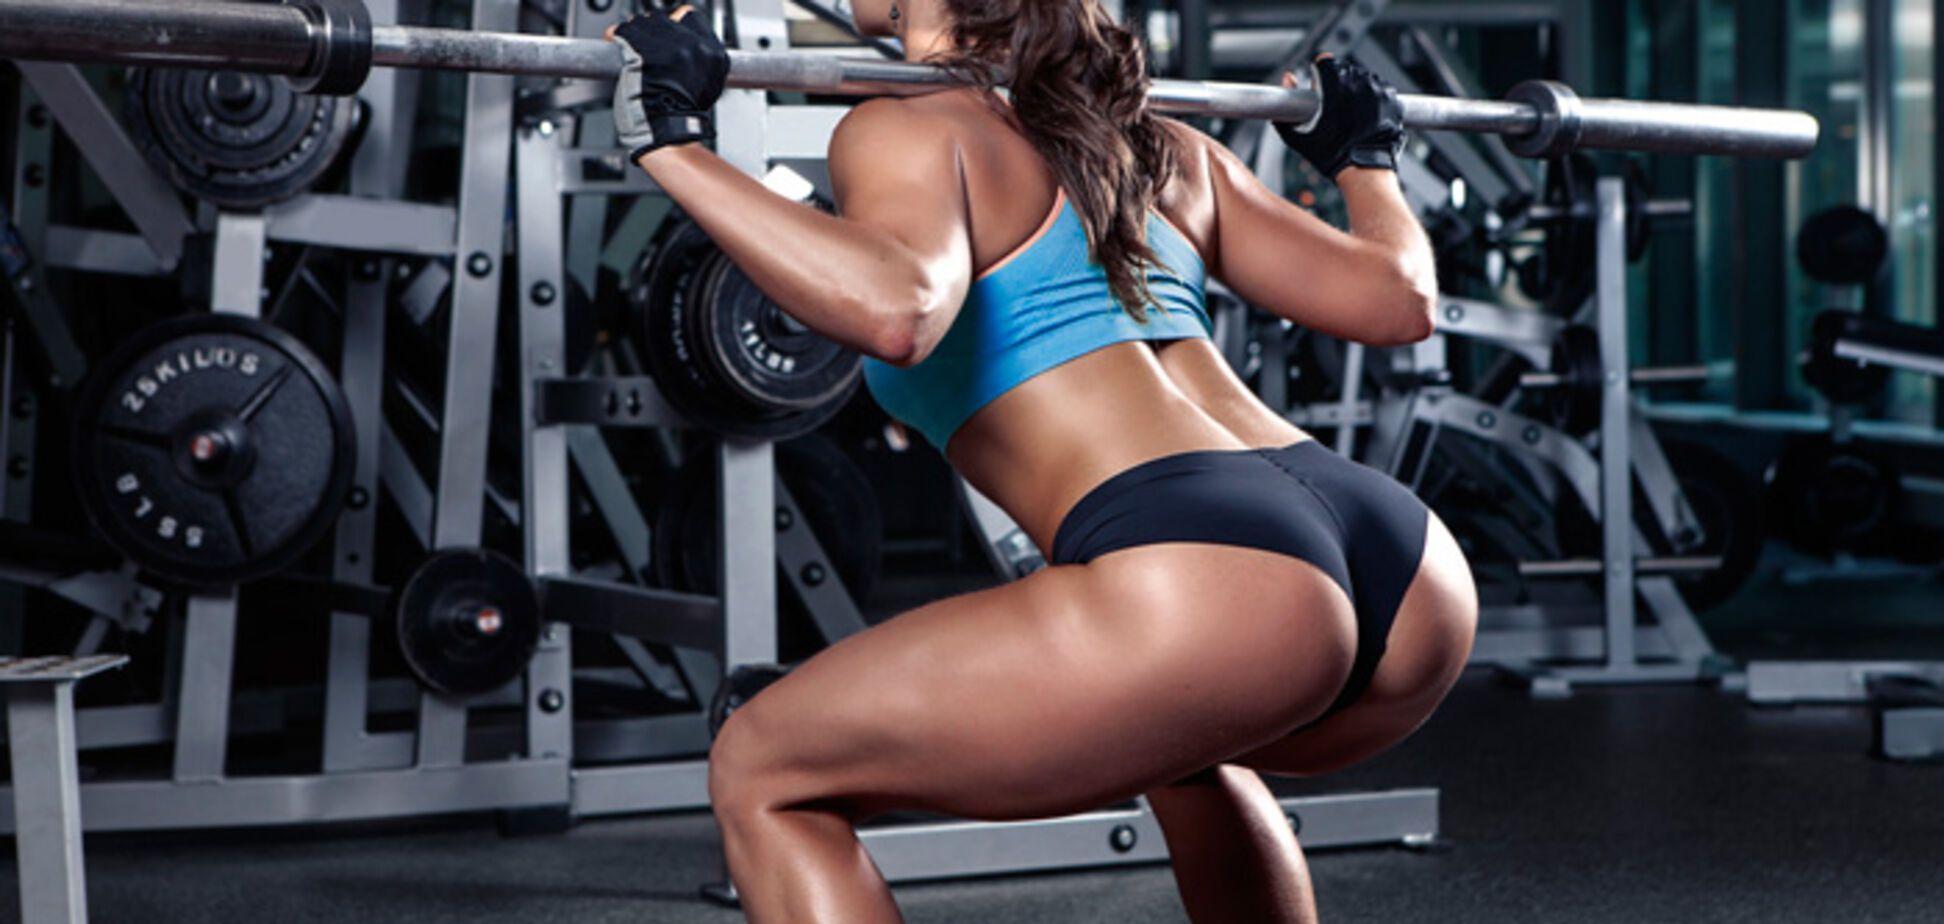 Небезпечне тренування: як не заразитися смертельними інфекціями в спортзалі